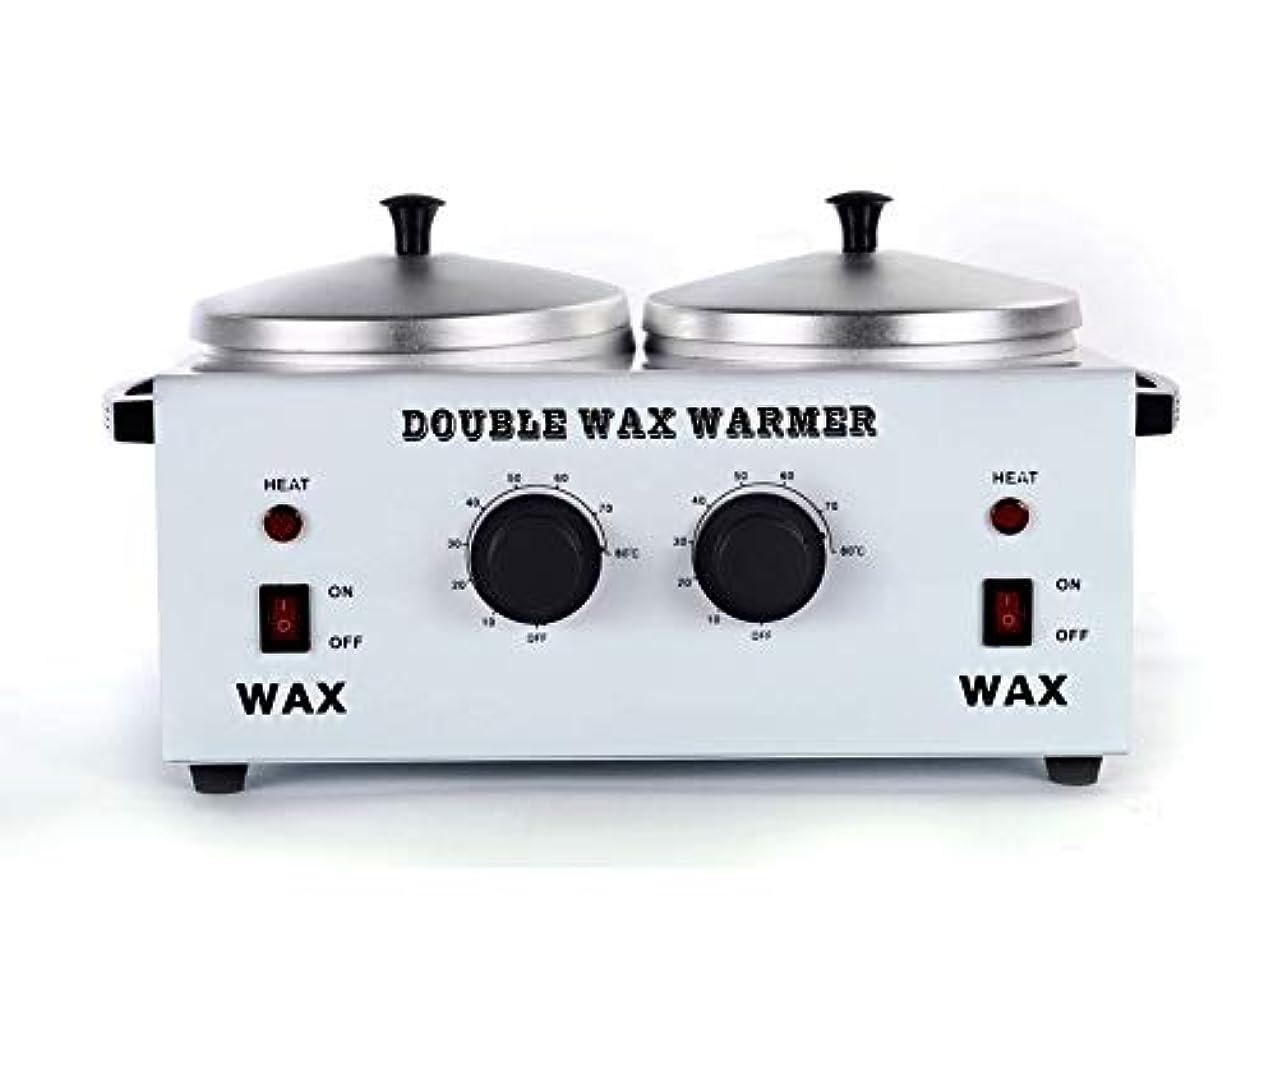 変換するフィクションネットワックスヒータープロフェッショナルダブルポット脱毛ワックスウォーマー、すべてのWAXS(ソフト、ハード、パラフィン)用電動ワックスヒーター機械ファストメルトポータブル人種のるつぼ